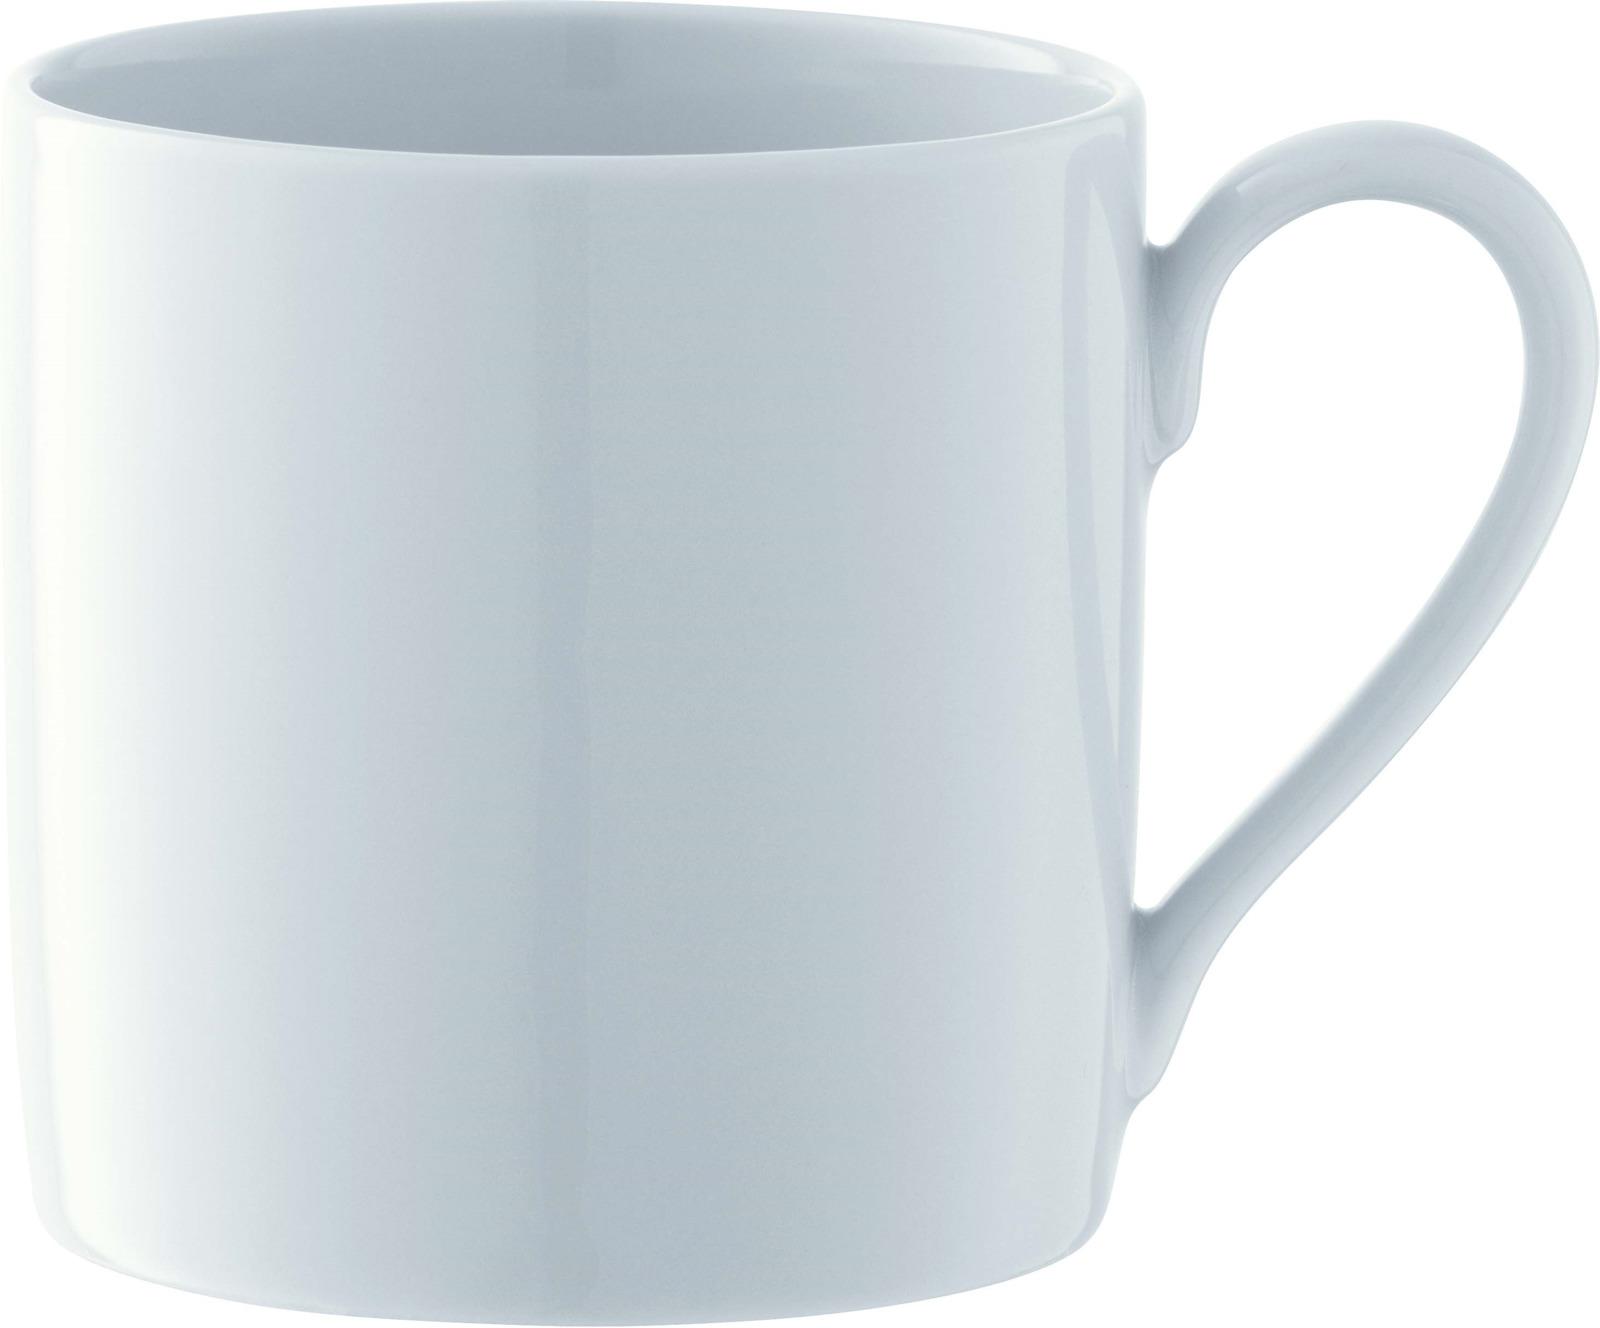 Набор чашек LSA Dine, цвет: белый, 340 мл, 4 шт сахарница lsa dine цвет белый